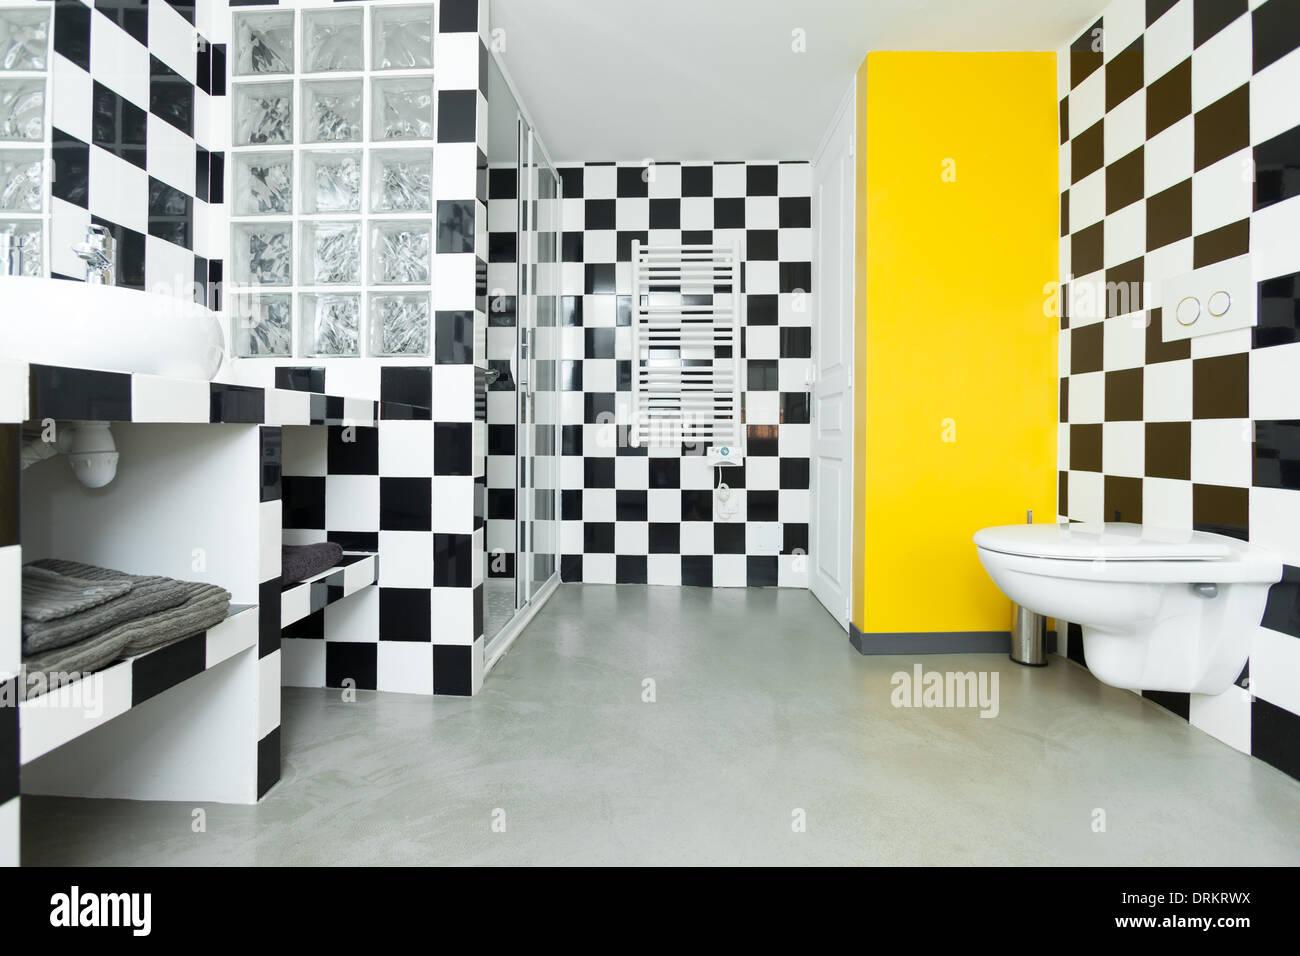 Salle De Bains Moderne Avec Du Carrelage Blanc Et Noir à Carreaux Sur Les  Murs.